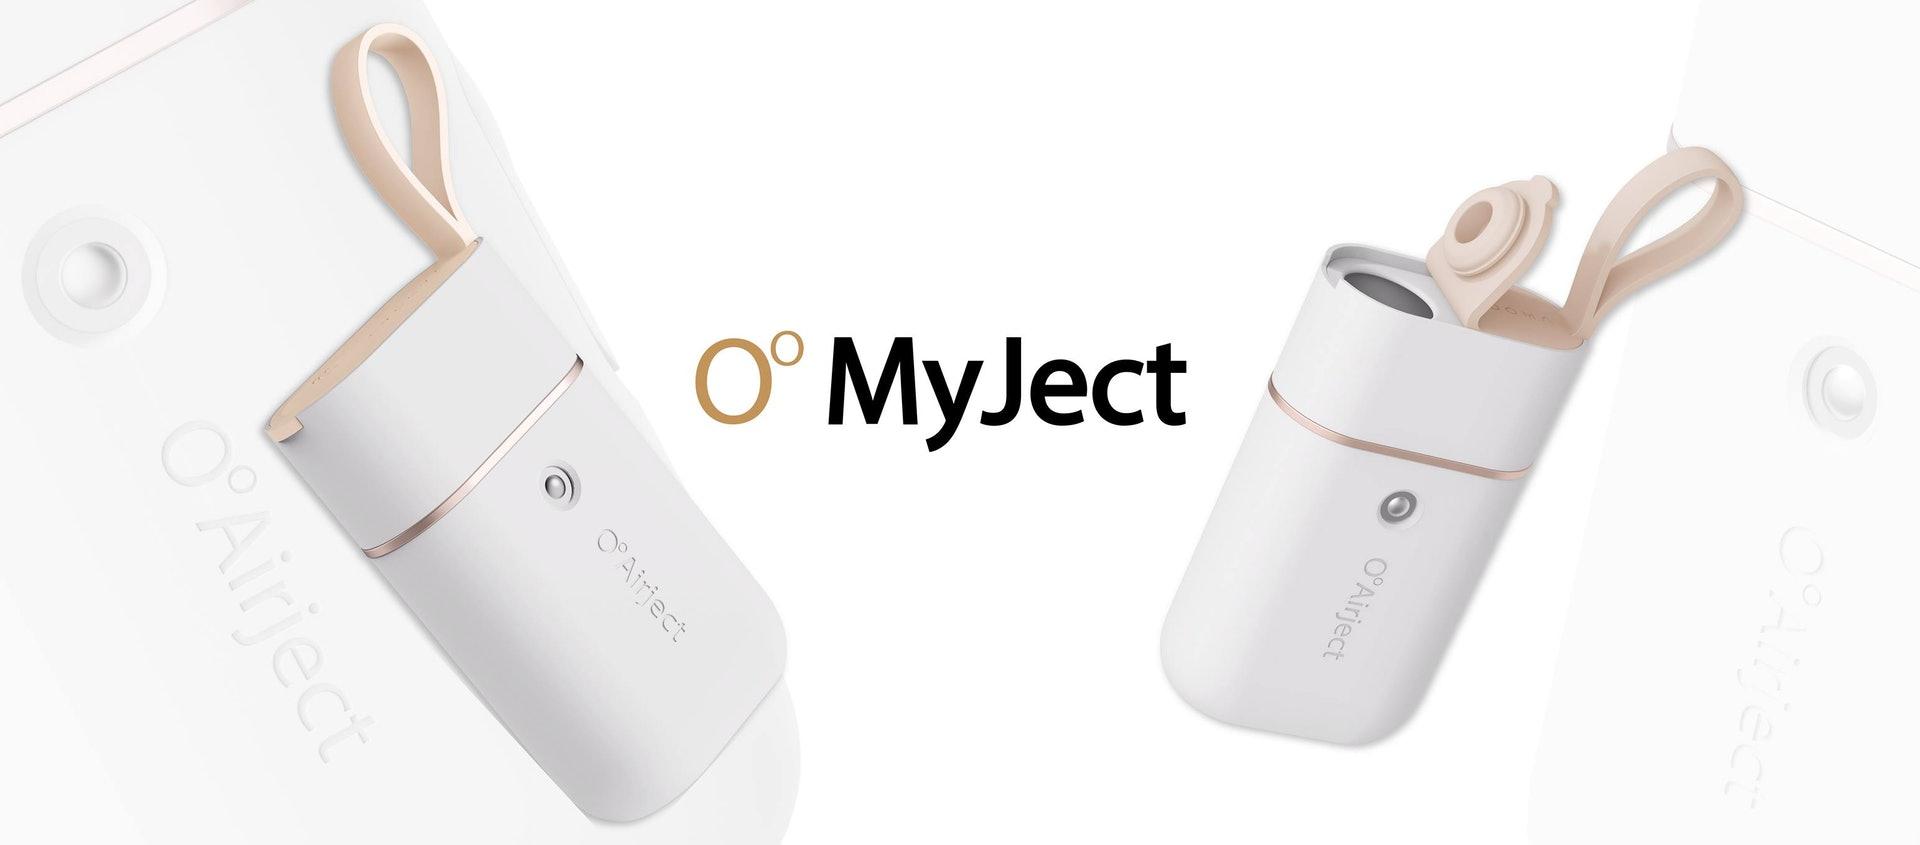 O°Airject的自家噴霧器「MyJect」,機物輕巧便攜,適合任何場合進行全方位消毒及殺菌。(圖片:OᵒAirject)